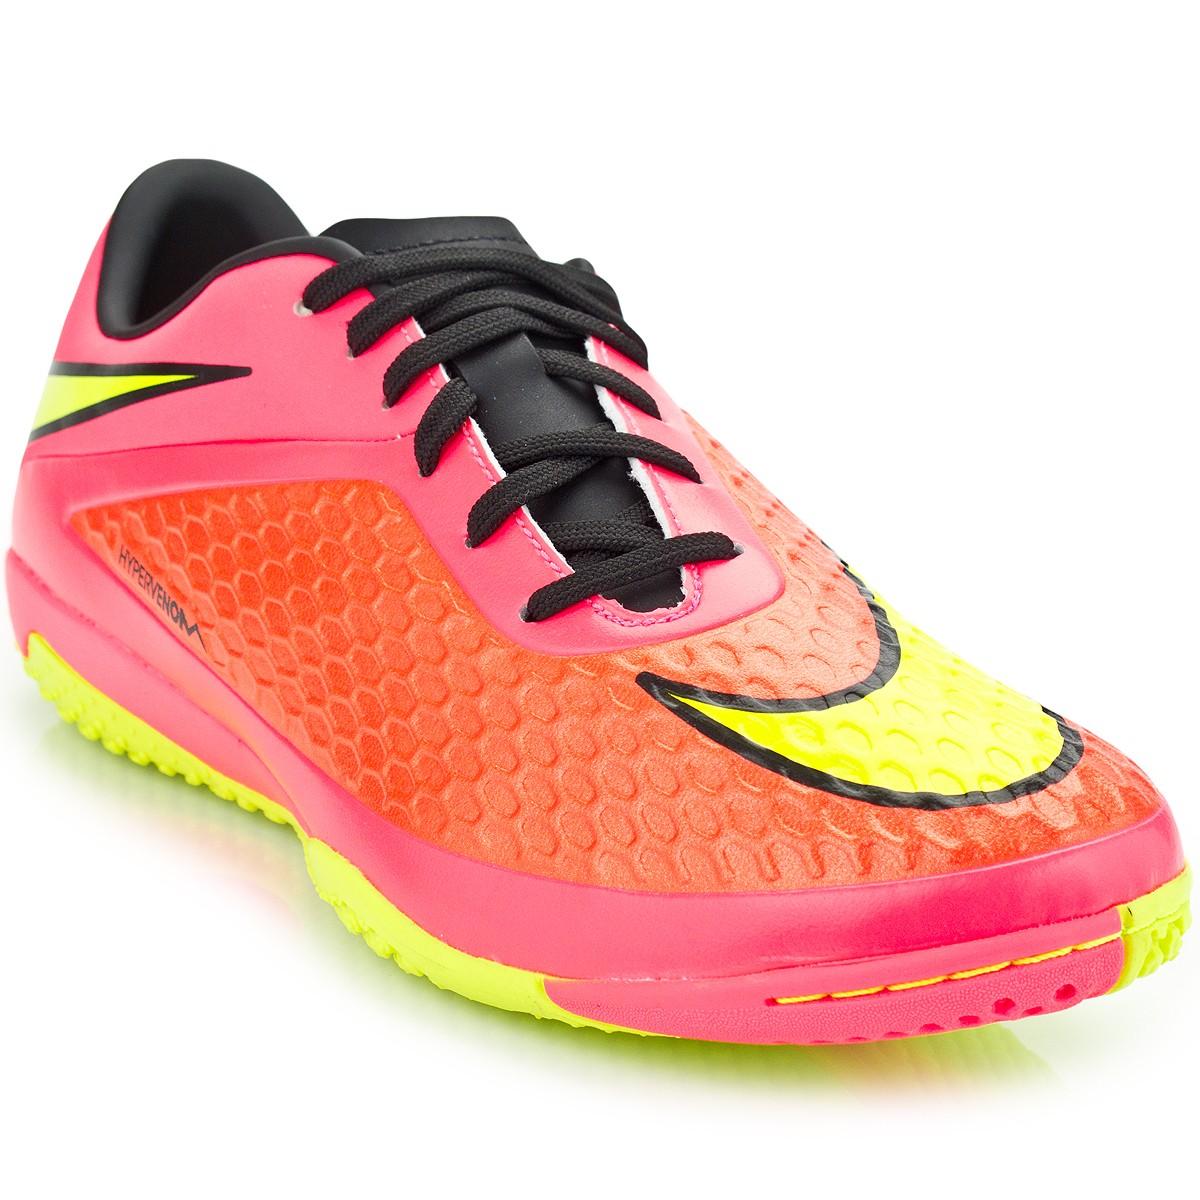 Chuteira Nike Hypervenom Phelon IC 599849  9df174c9a0c9e